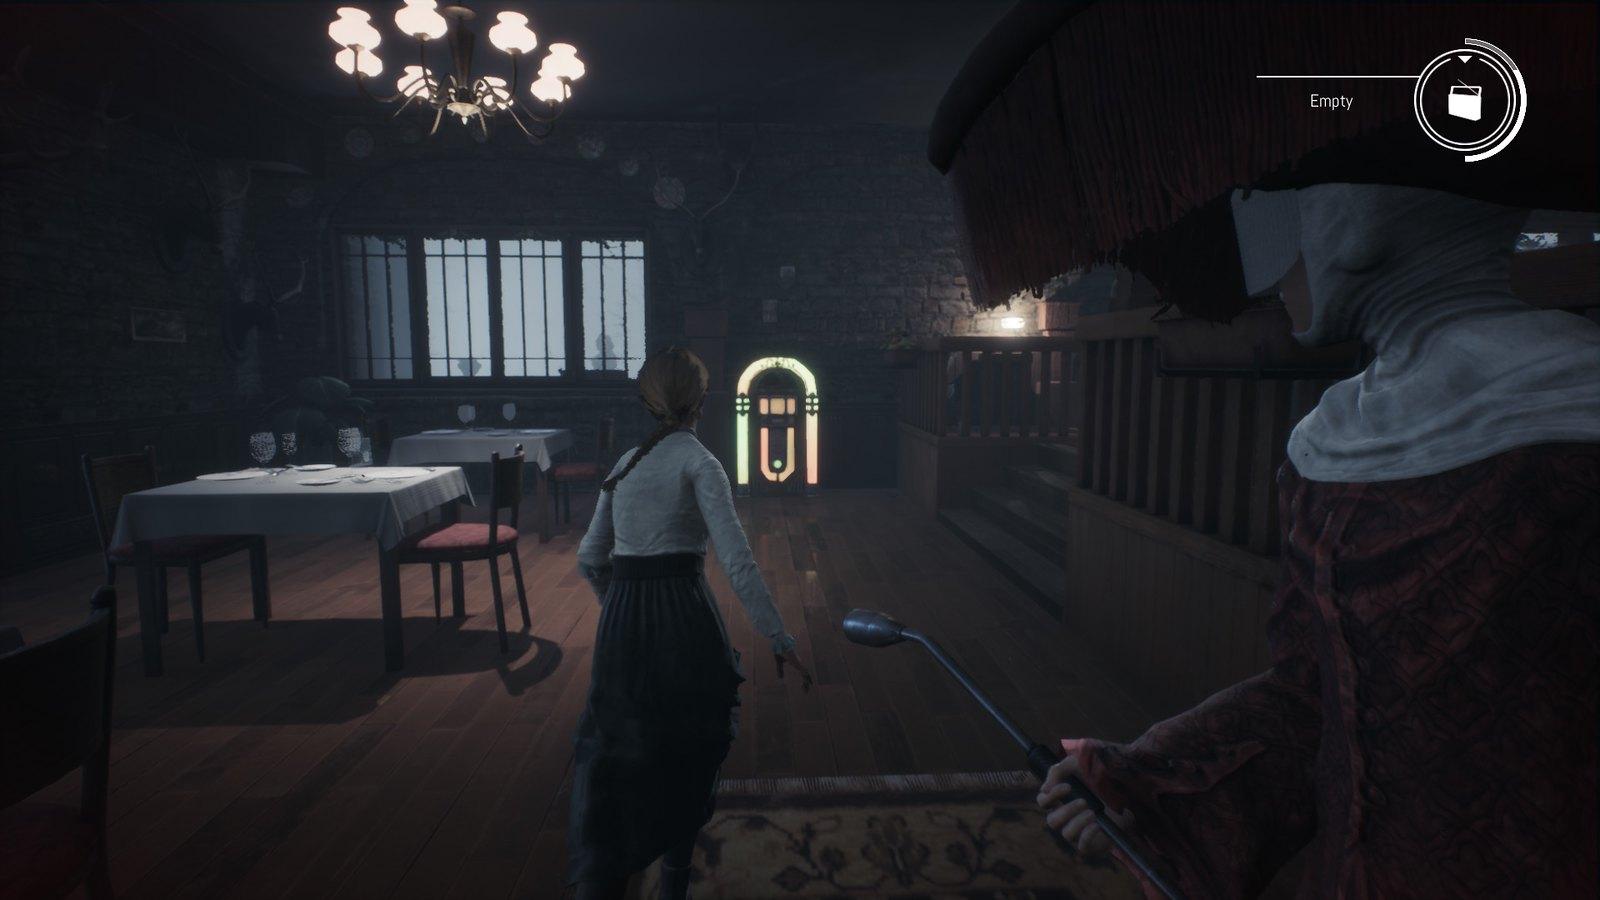 49999517171 e0f65091a5 h - Remothered: Broken Porcelain terrorisiert Spieler diesen Sommer auf PS4